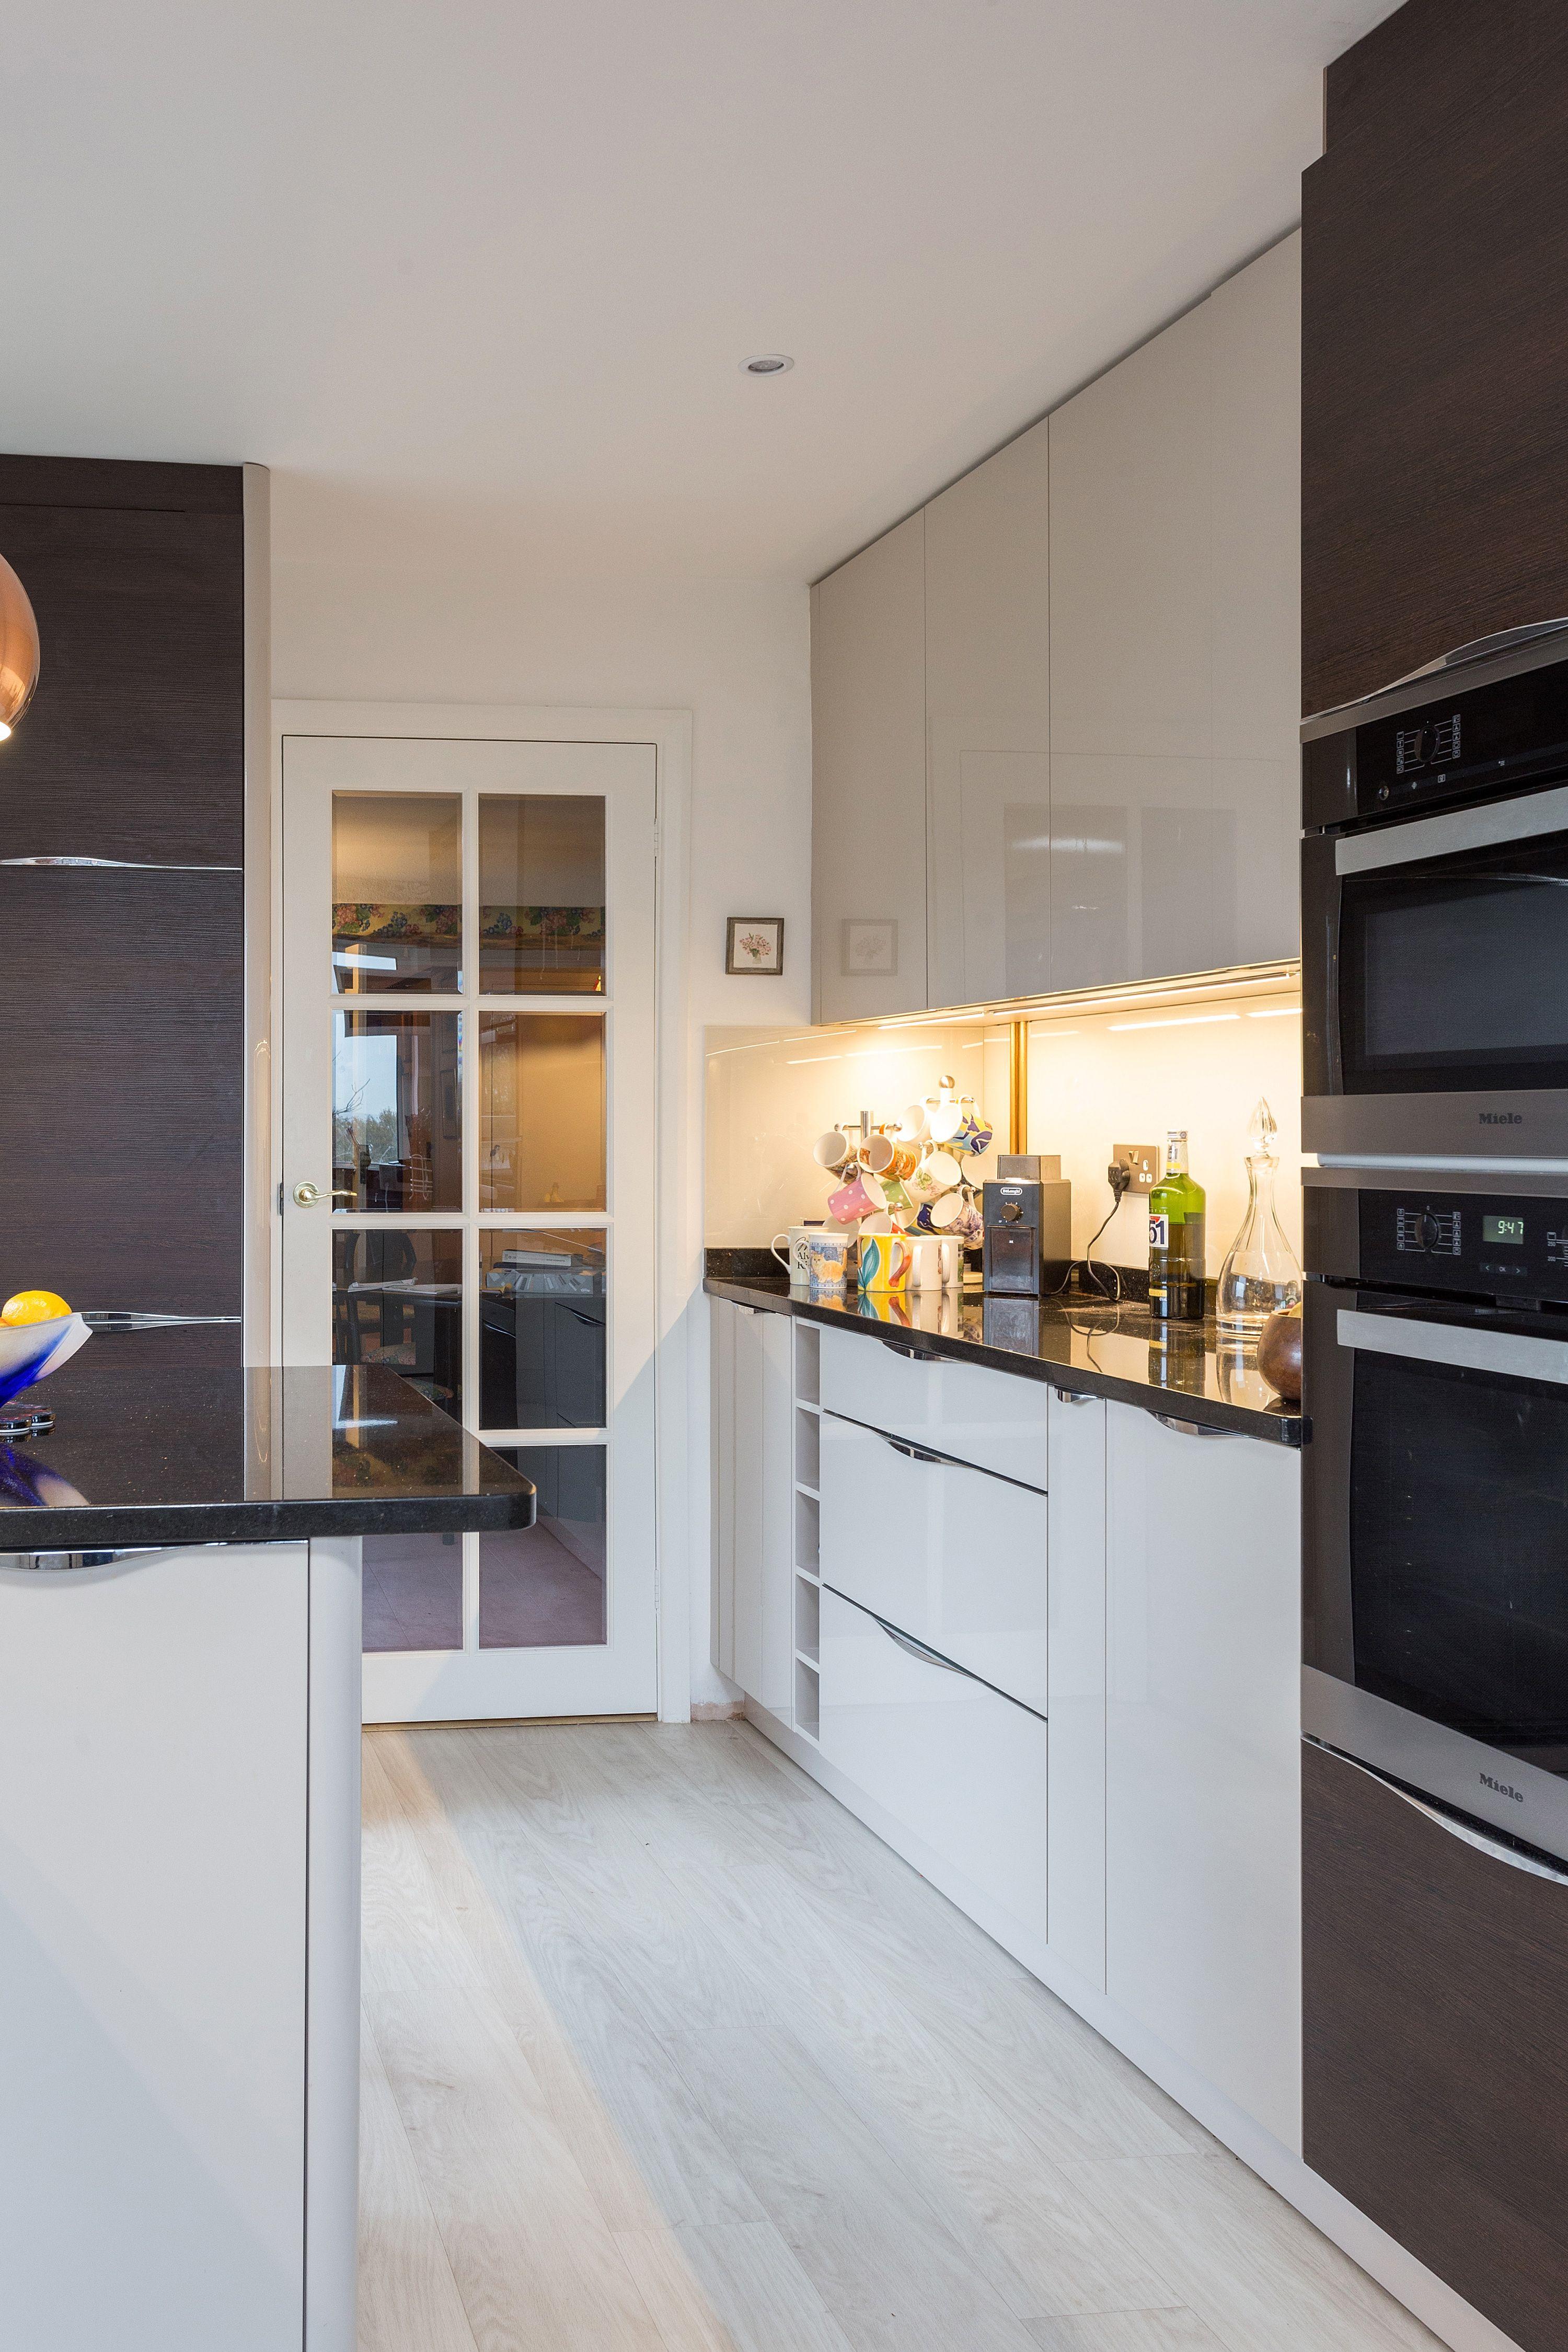 Nolte Kitchens | Glass splashbacks, Cheshunt FC and Quality kitchens